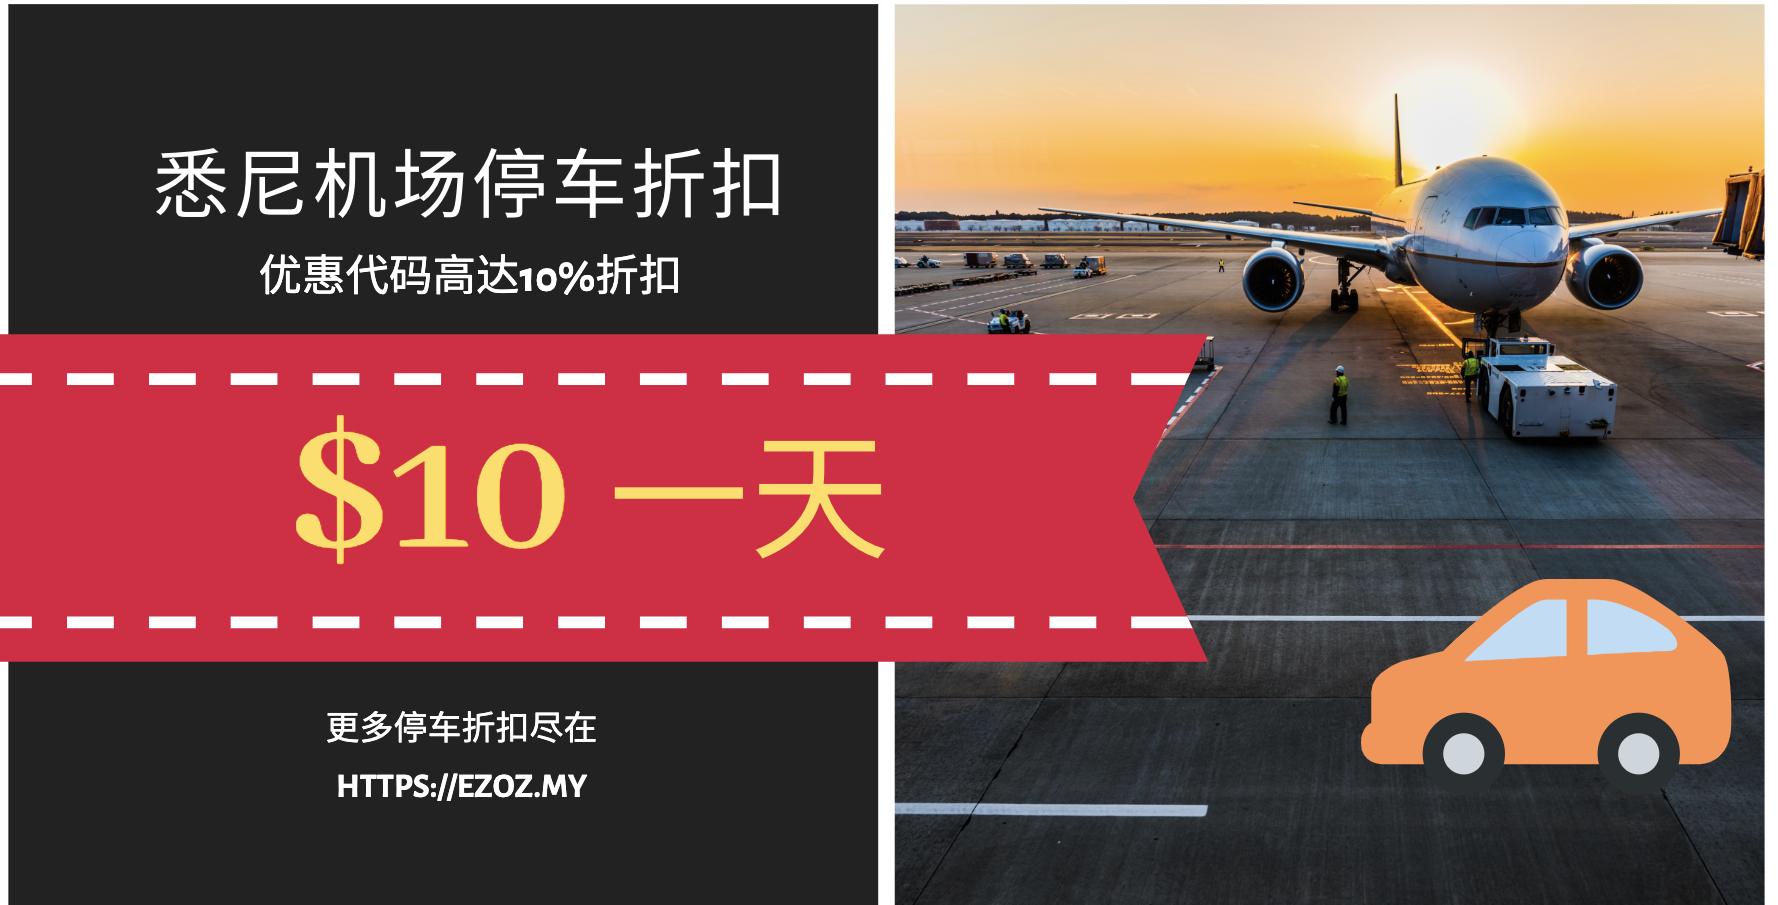 EZOZ 澳洲留学平台 | 华人网 悉尼机场停车折扣